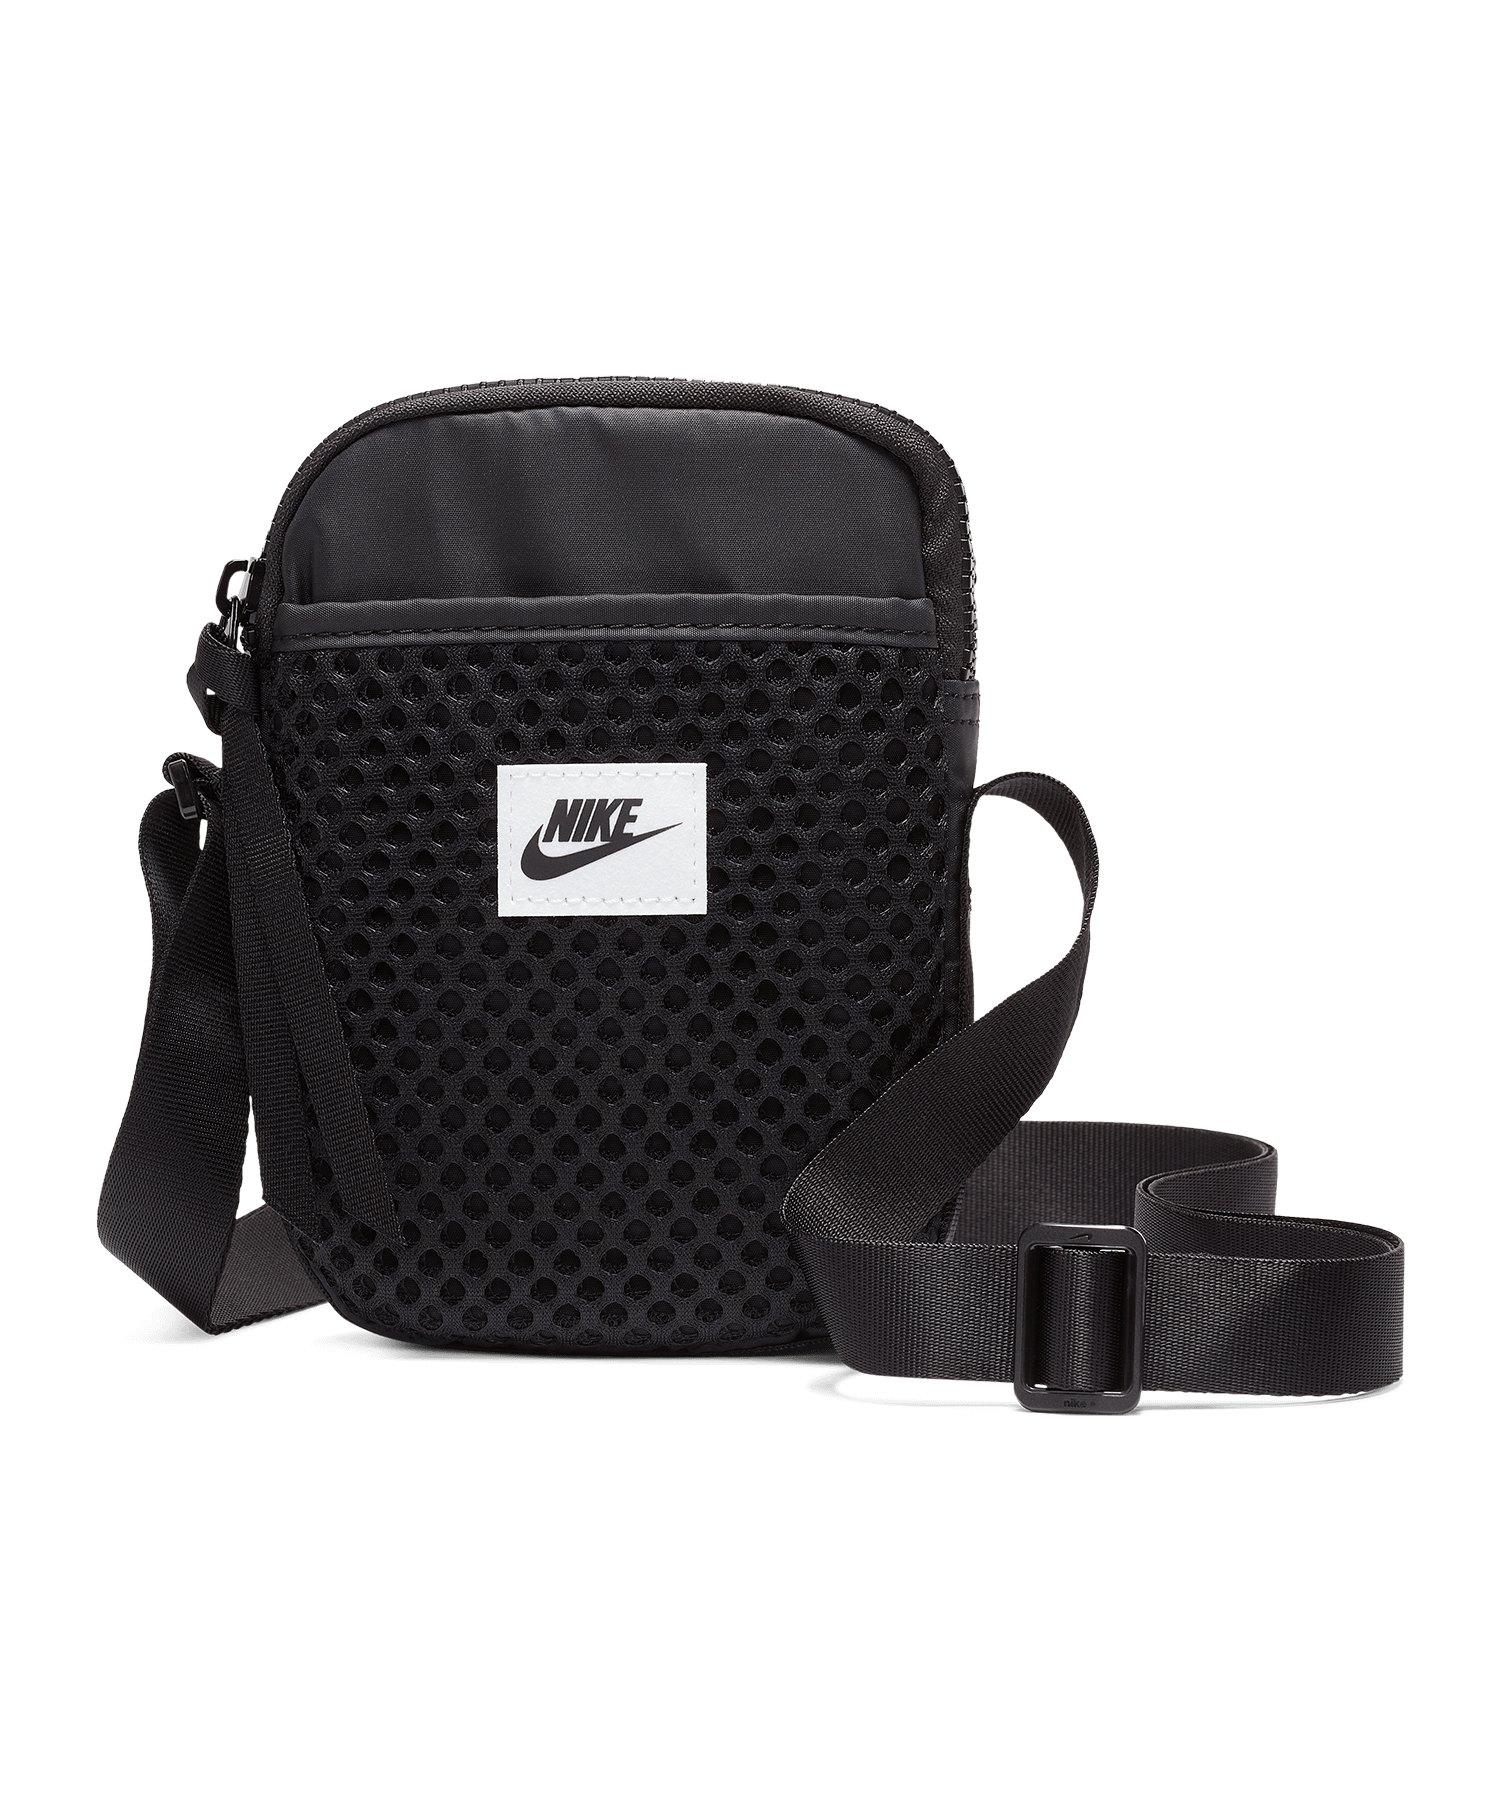 Nike Air Smit Bag Tasche Schwarz F010 - schwarz